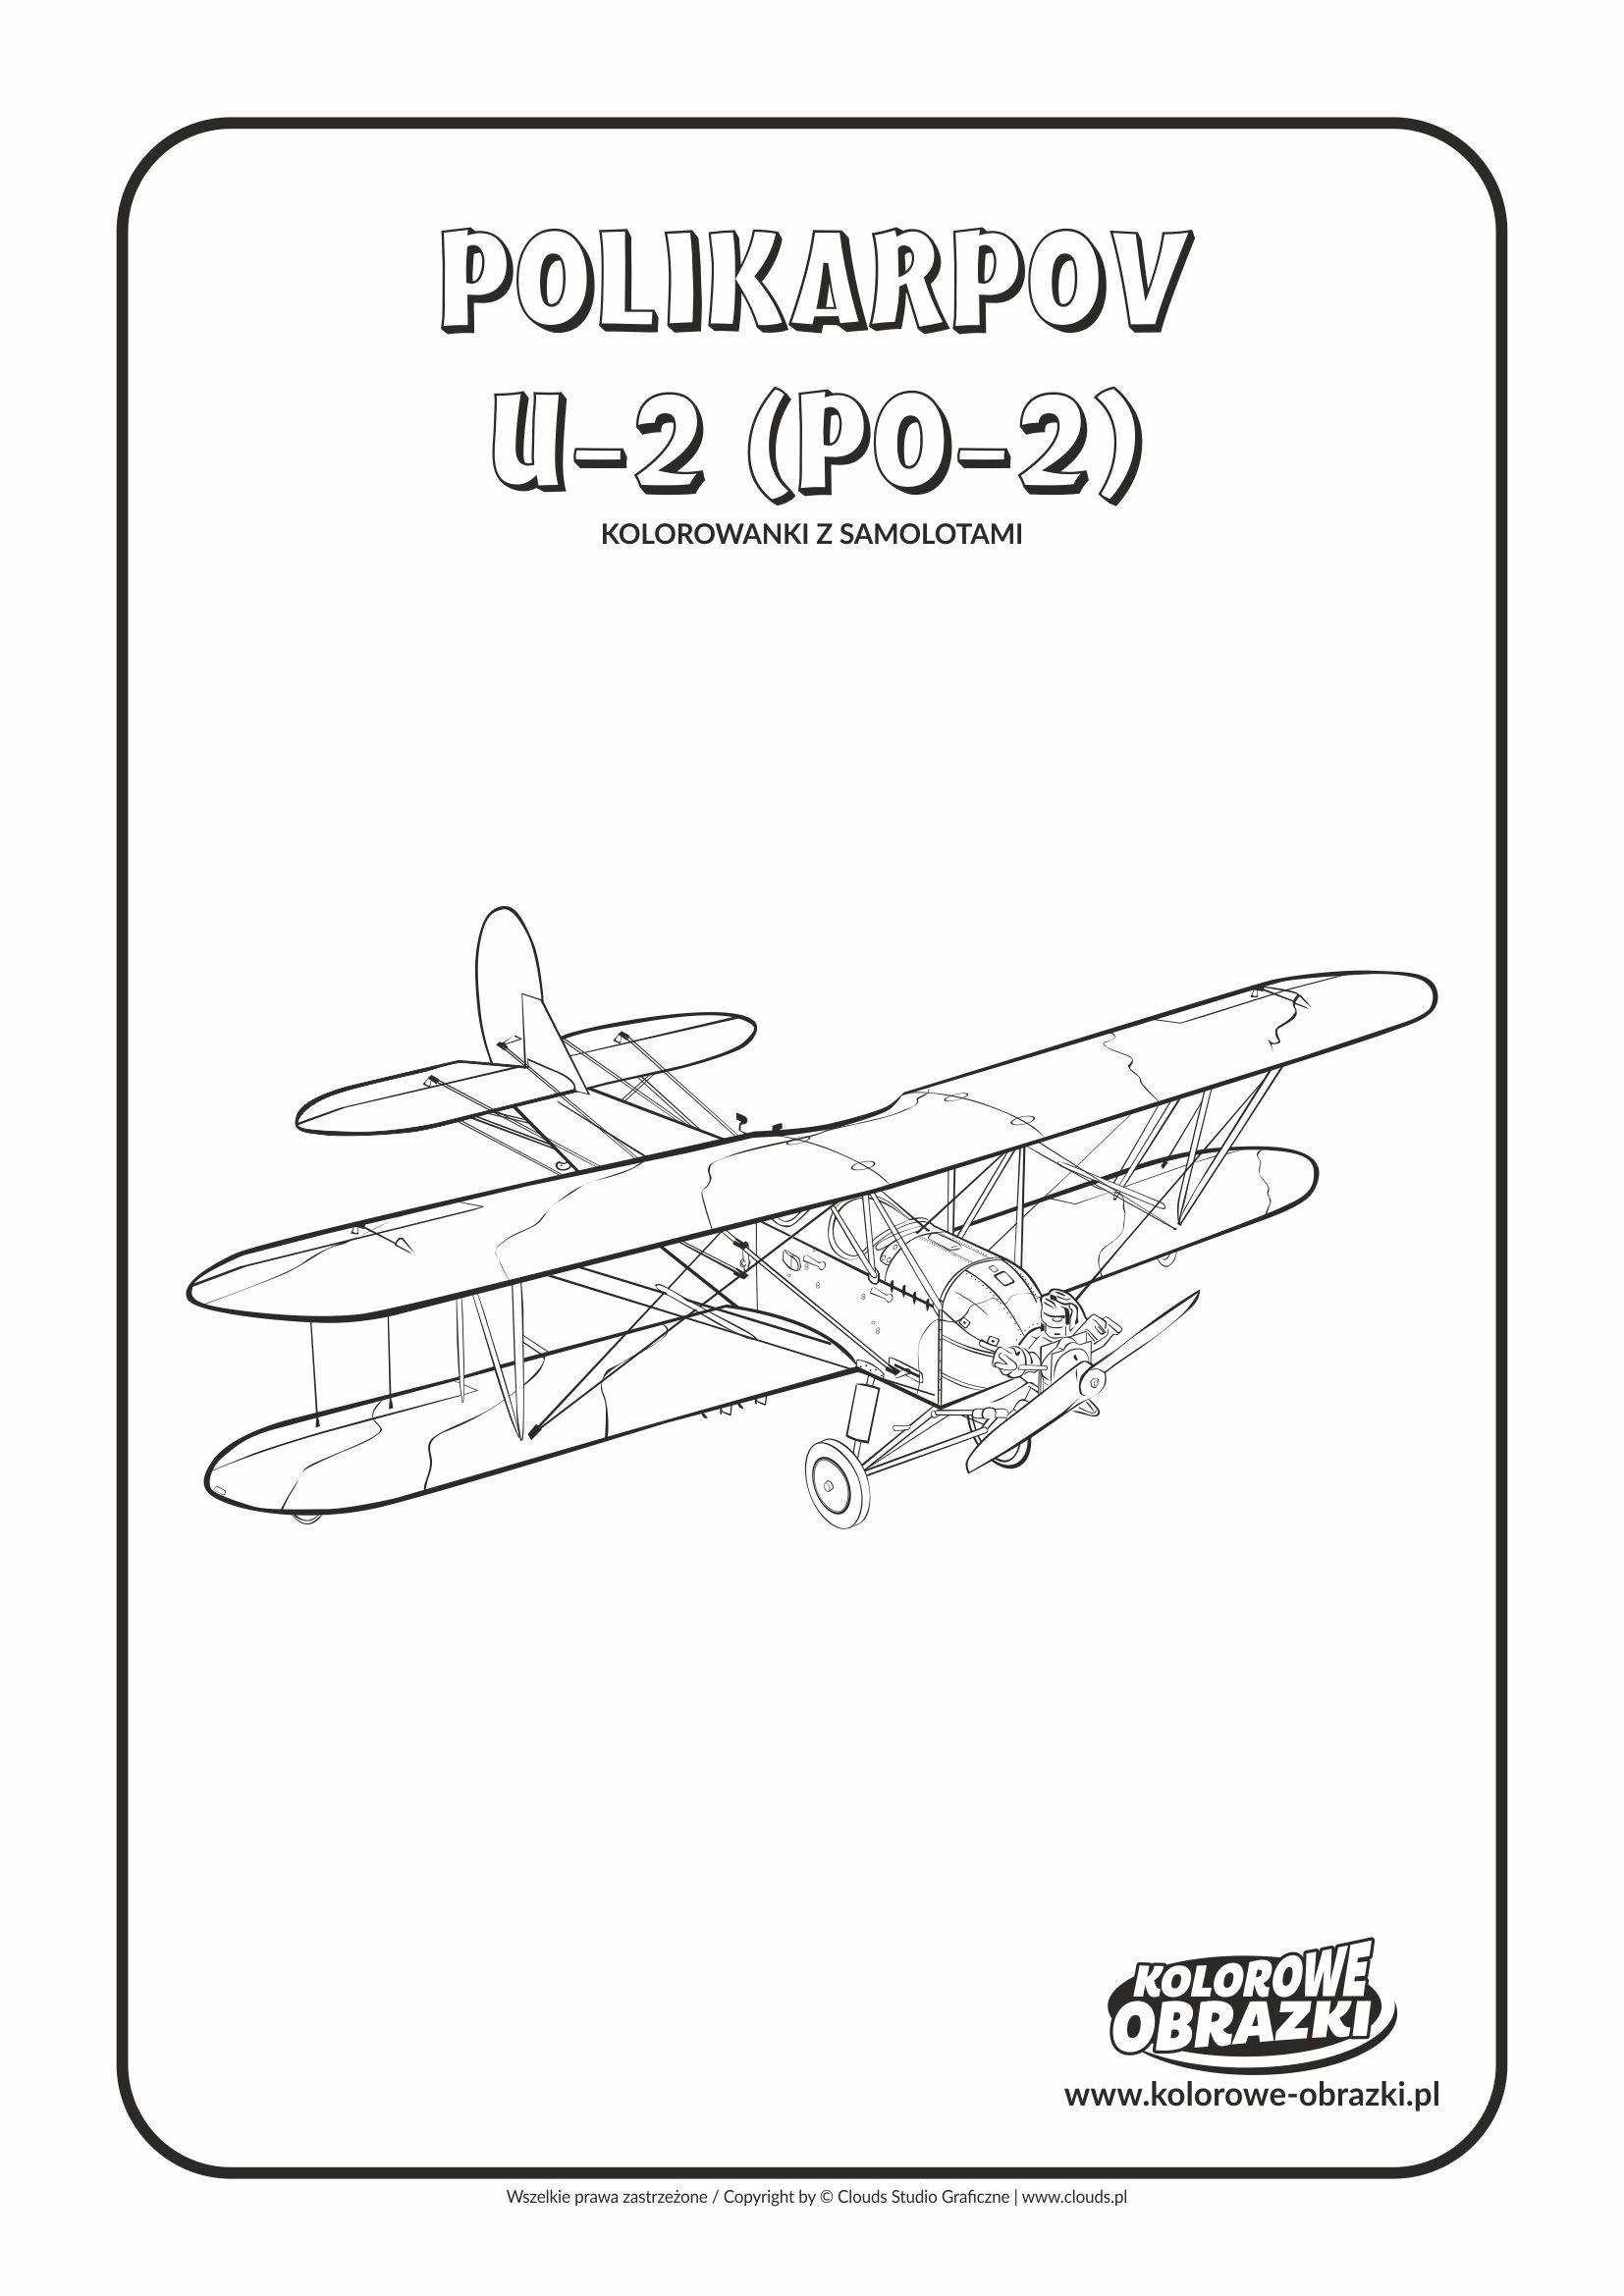 Kolorowanki dla dzieci - Pojazdy / Polikarpov U-2 (Po-2). Kolorowanka z Polikarpovem U-2 (Po-2)